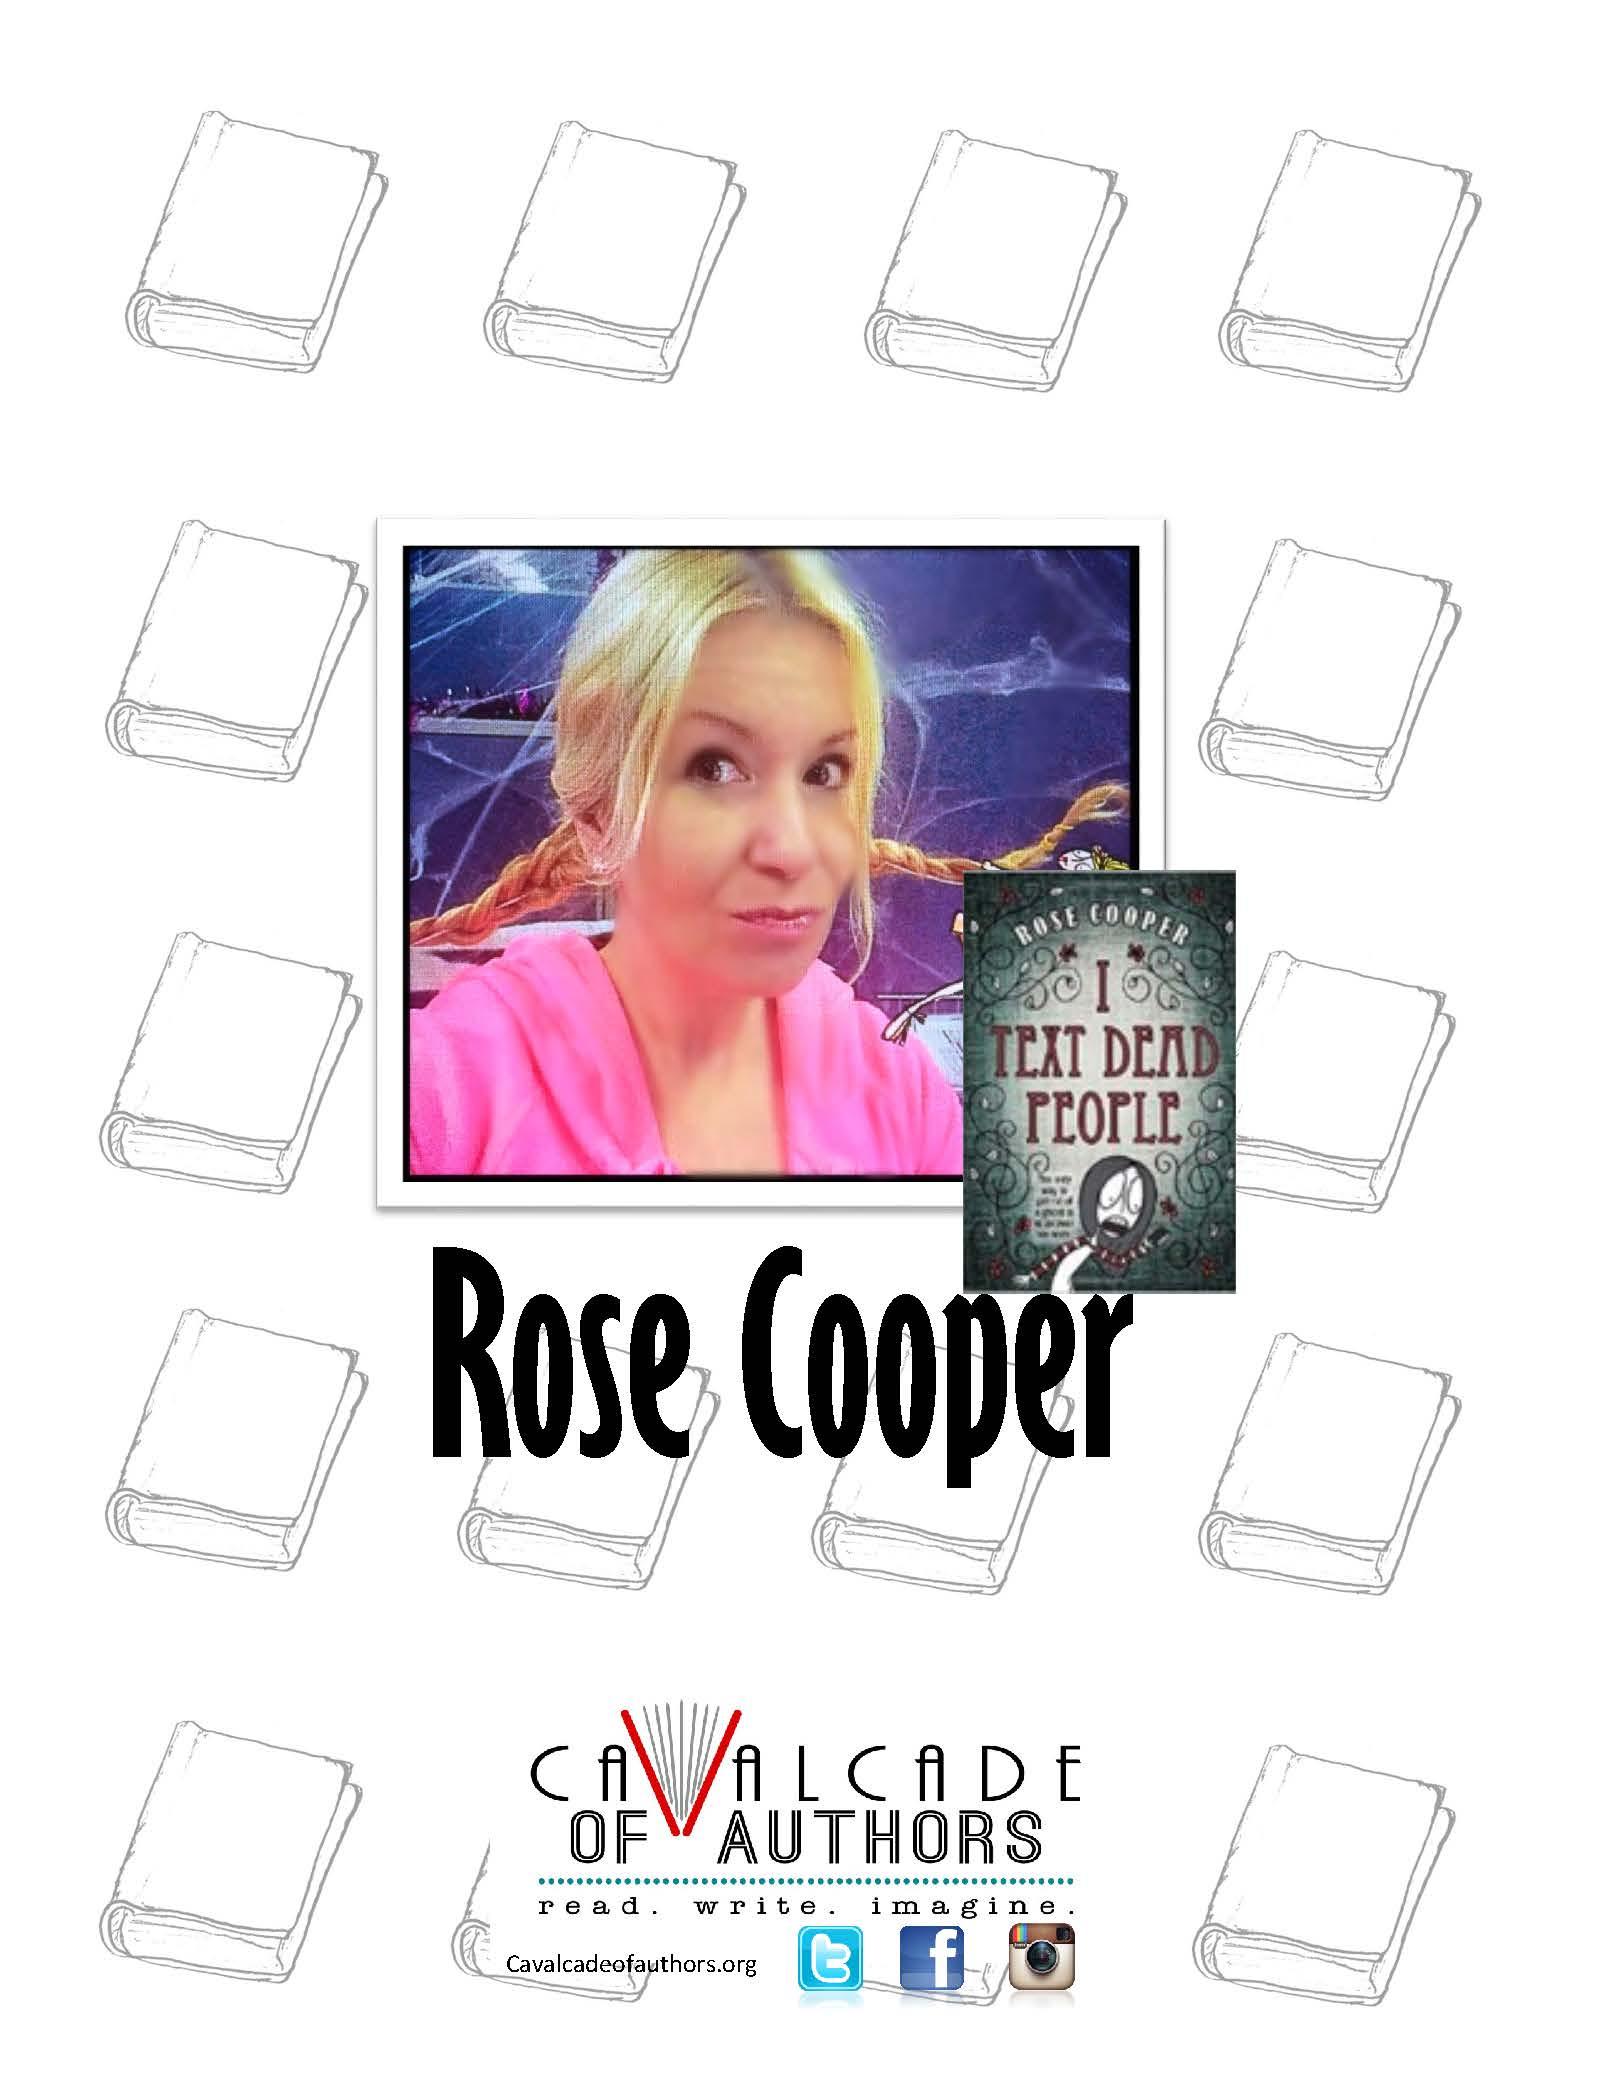 Rose Cooper